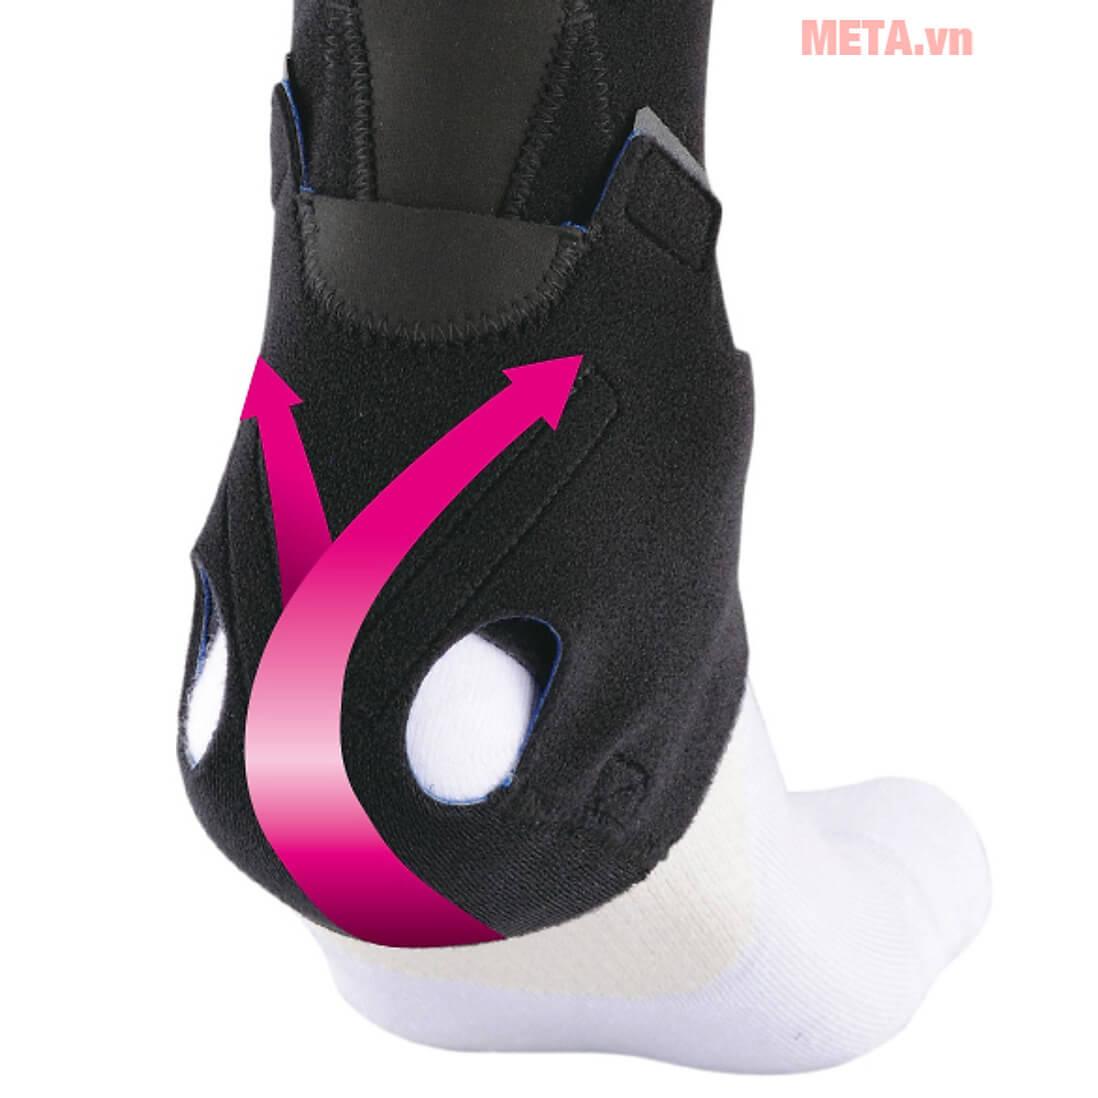 Đai bảo vệ gân góp chân